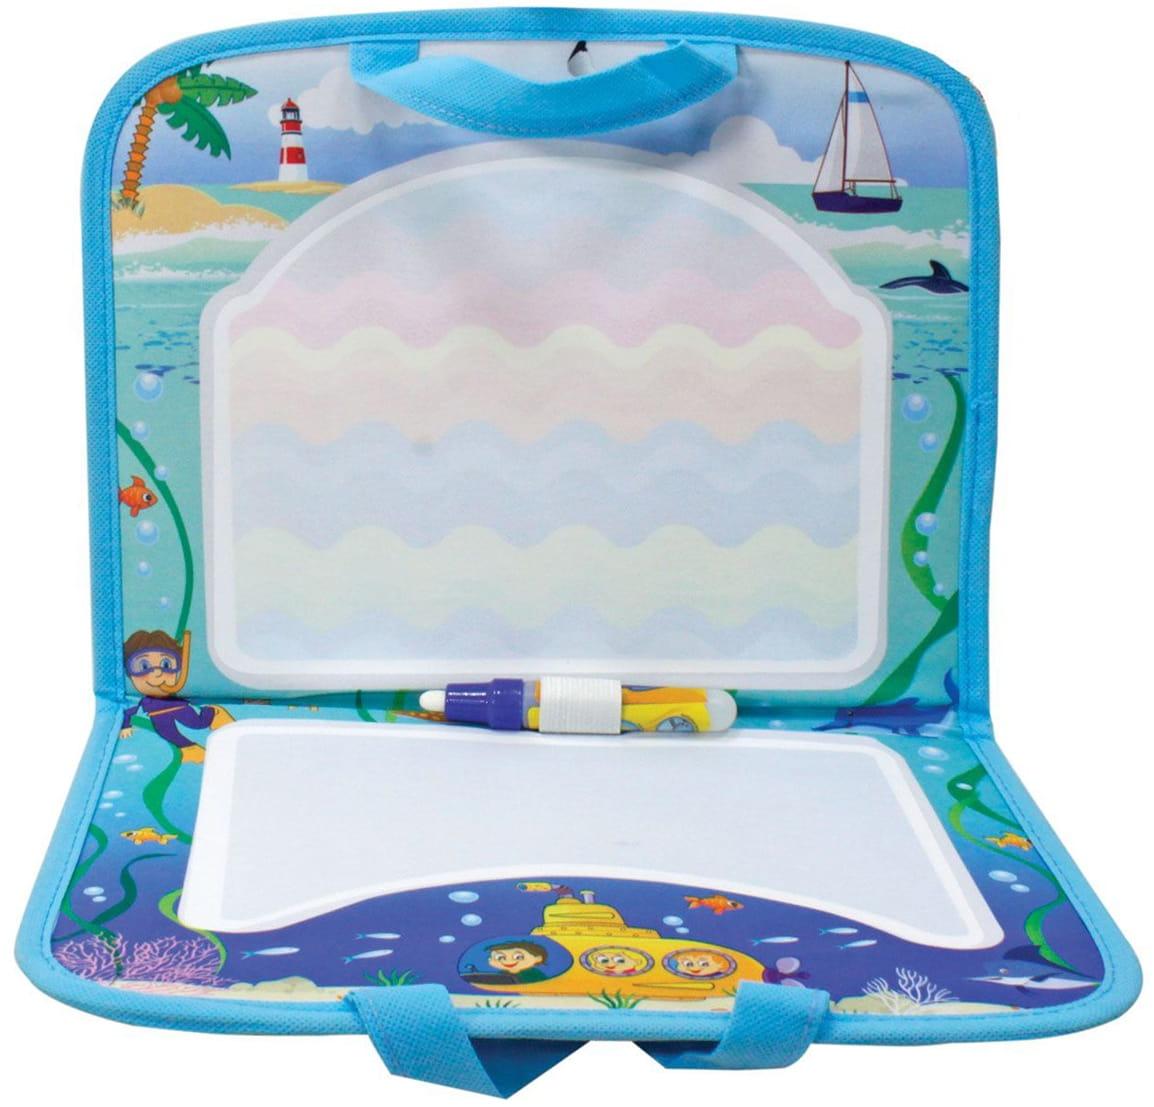 Коврик для рисования водой 1toy Т10156 AquaArt (синий чемоданчик)